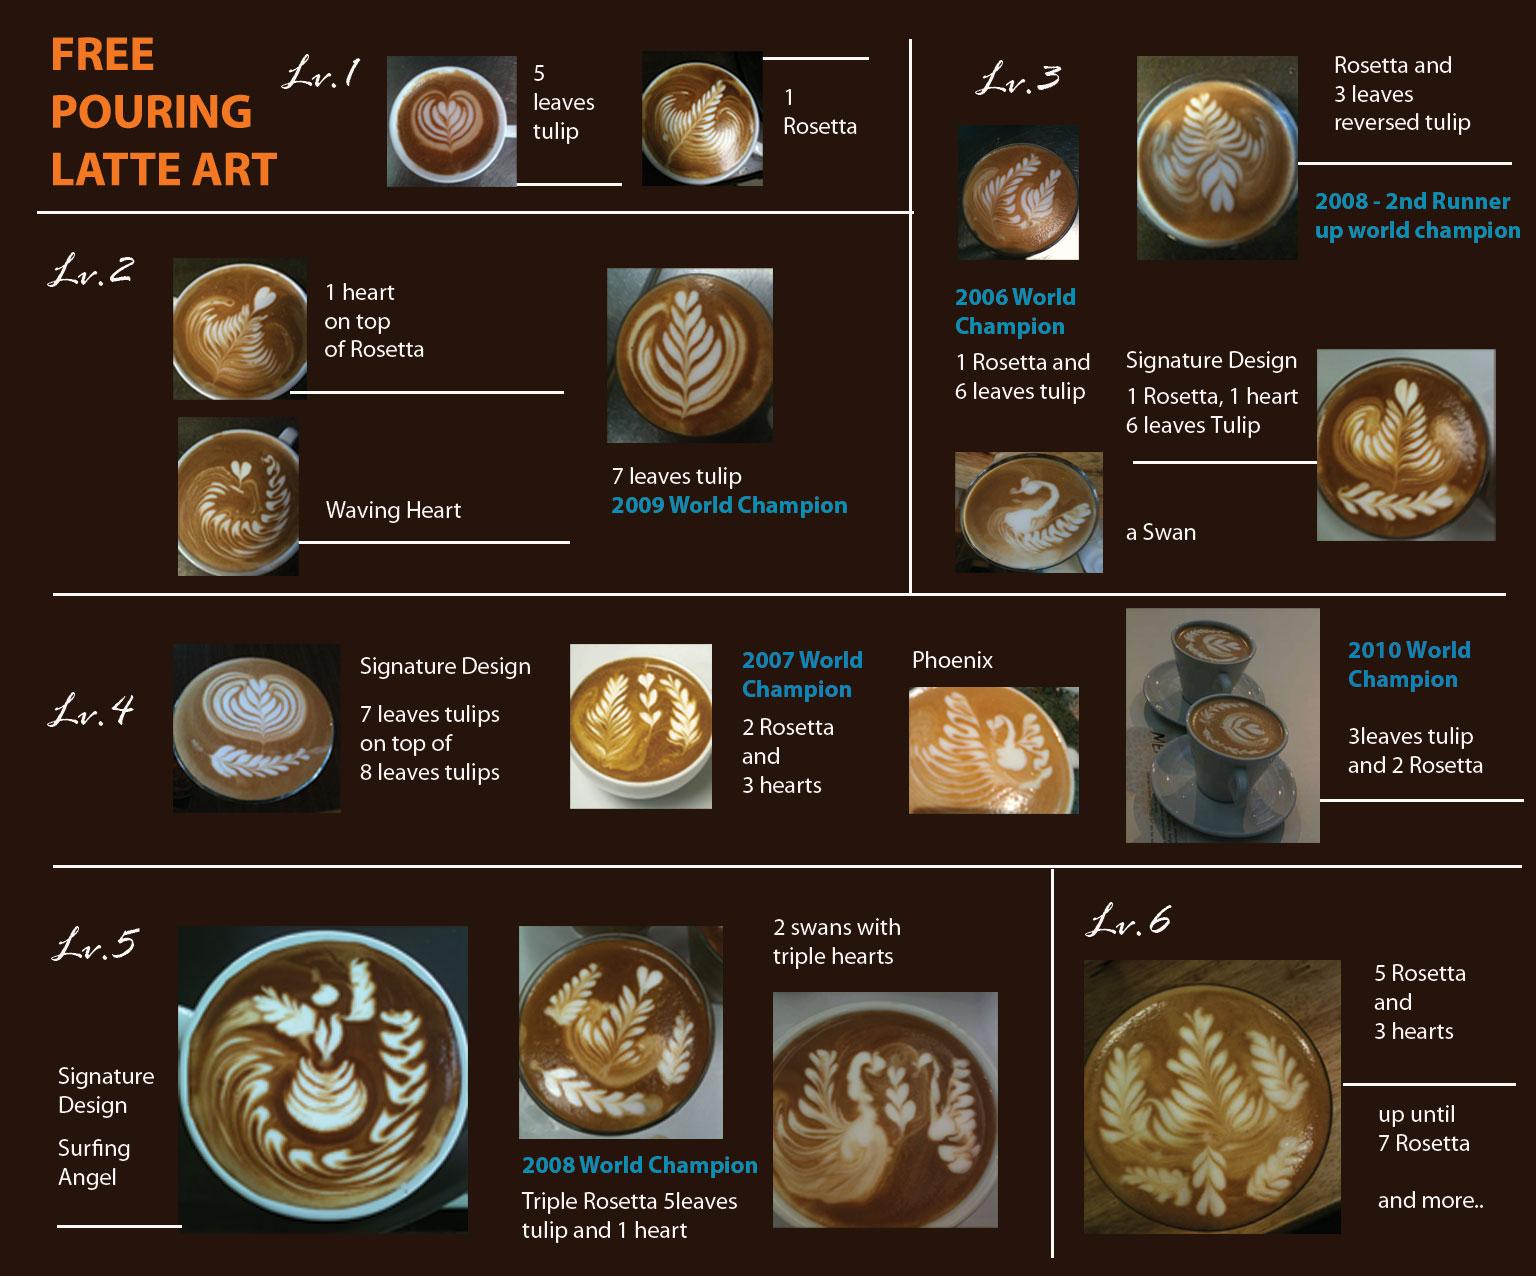 rosetta latte art